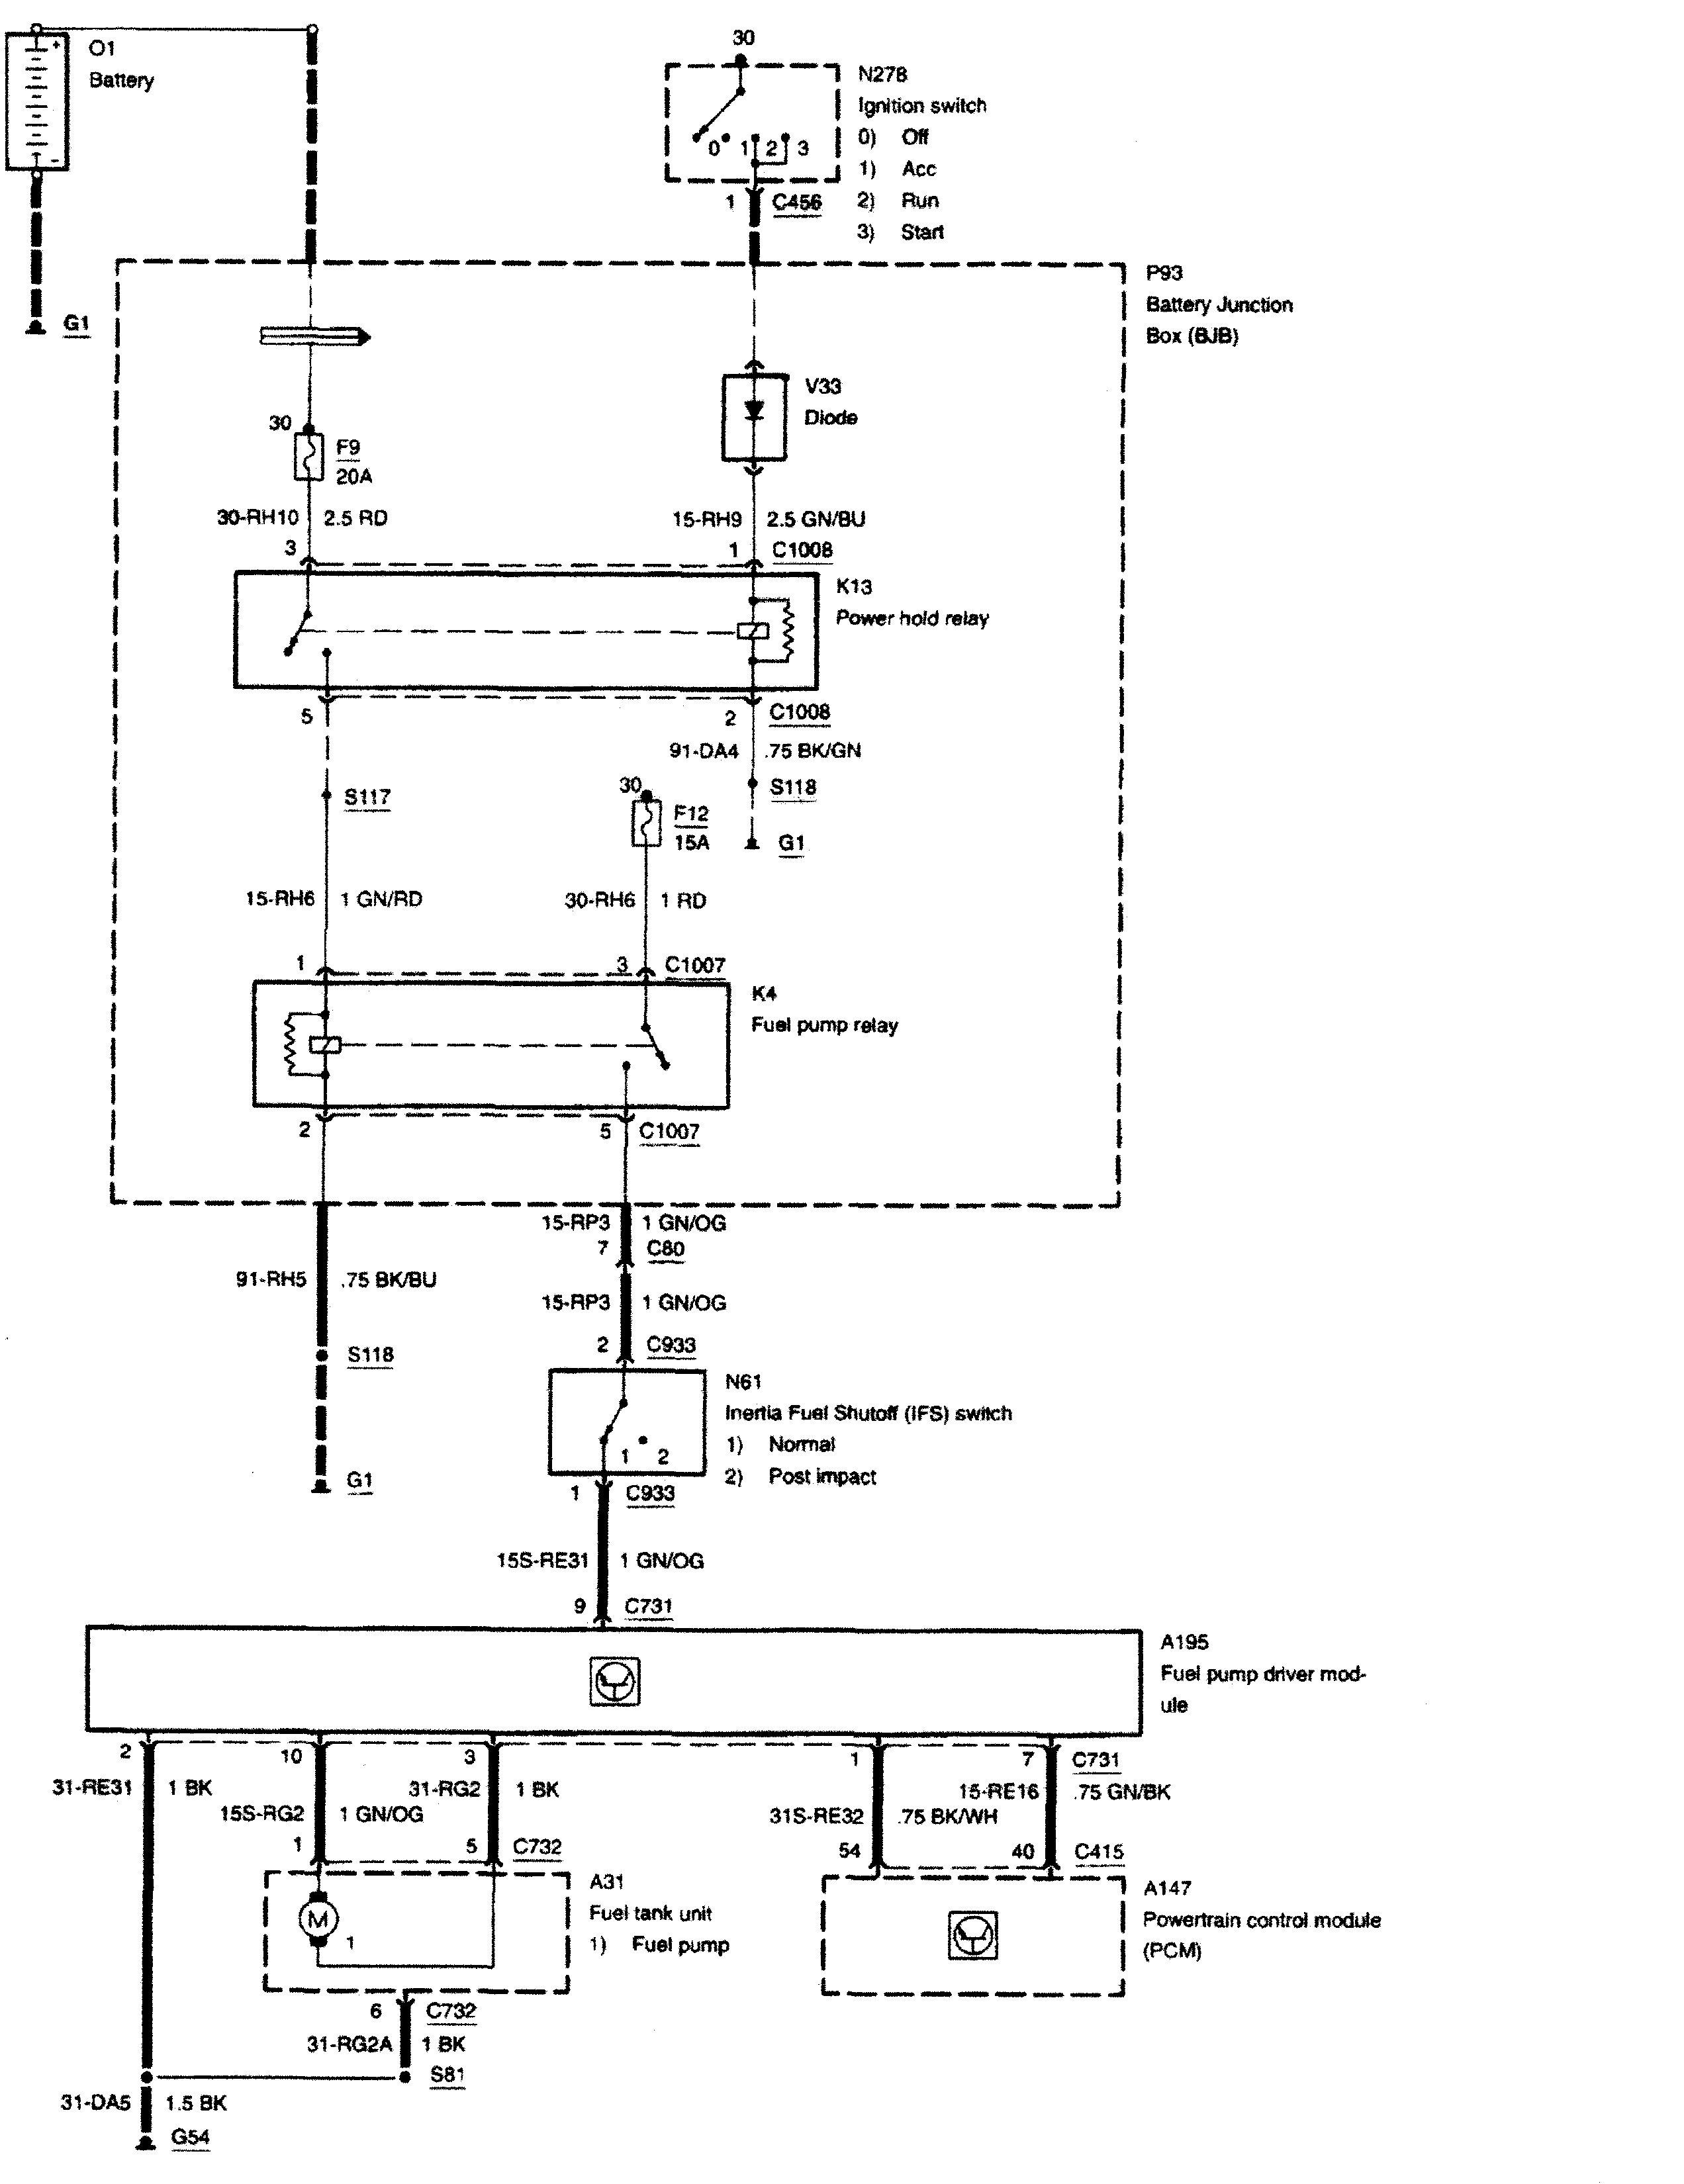 02 Focus Wiring Schematic - Wiring Diagram Data sick-menu -  sick-menu.portorhoca.it | Wiring Diagram For 2002 Ford Focus |  | sick-menu.portorhoca.it